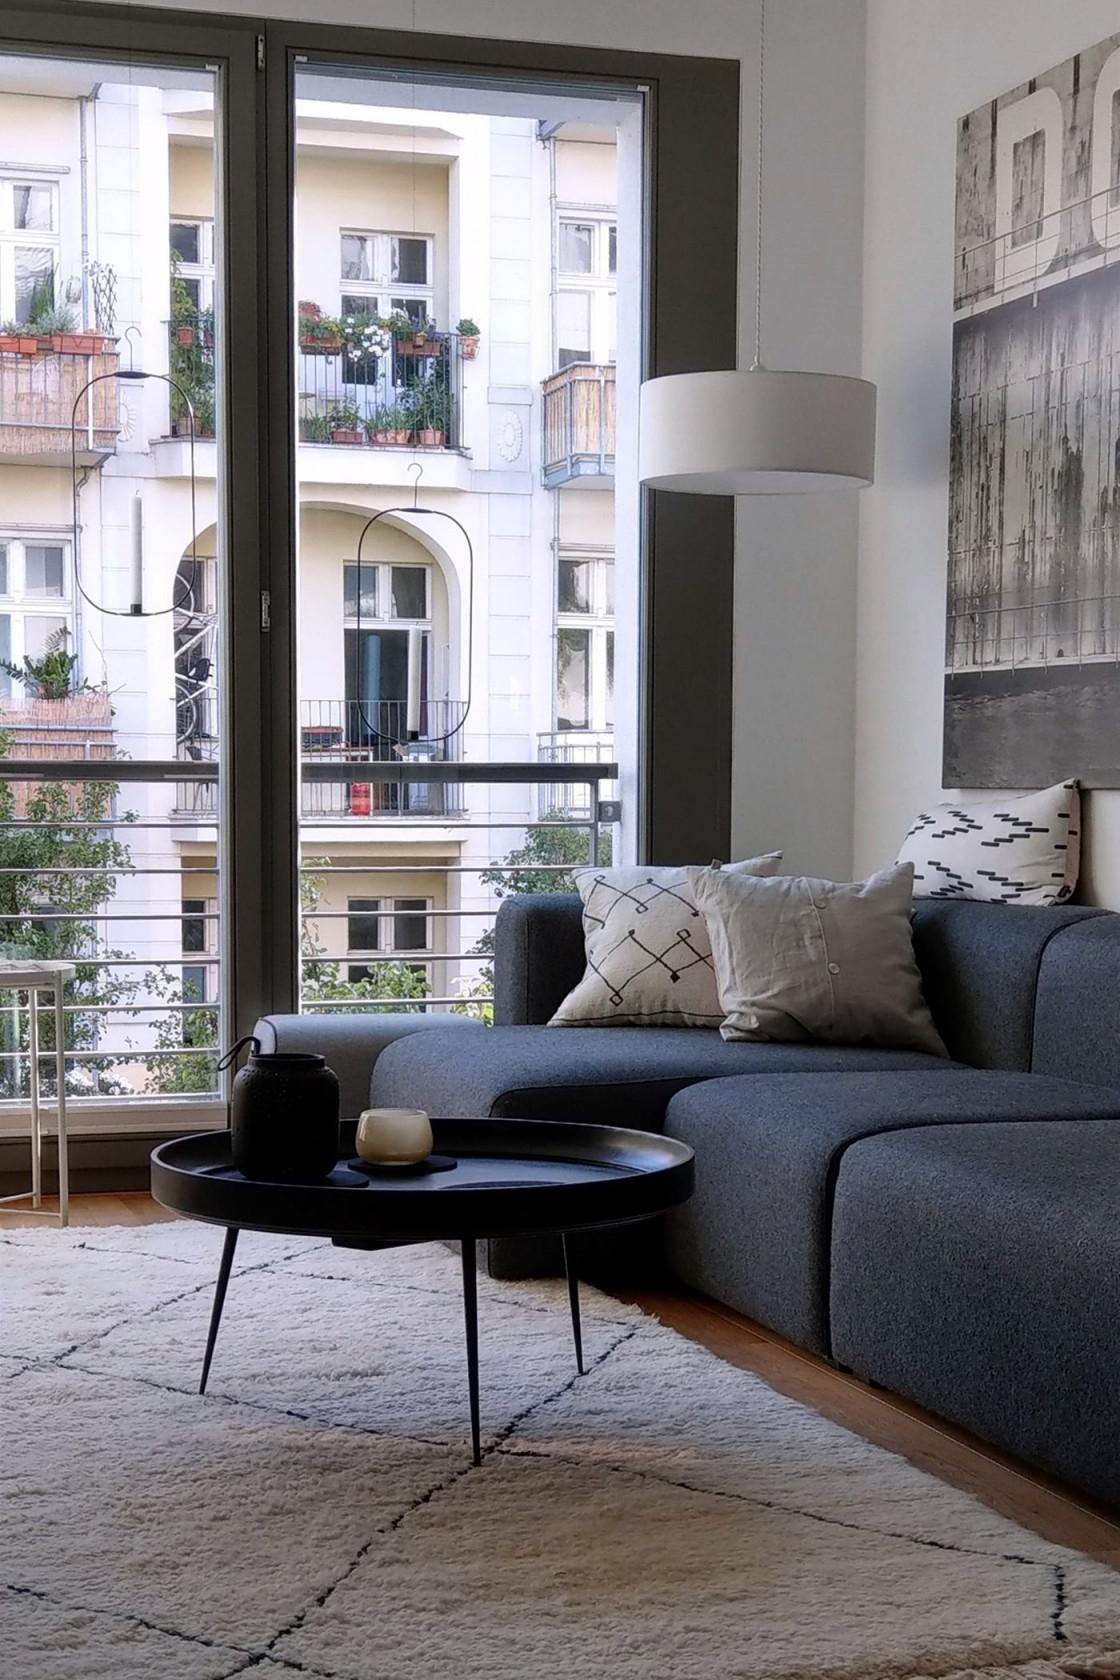 Wohnzimmer Die Schönsten Ideen von Wohnzimmer Gemütlich Gestalten Bild